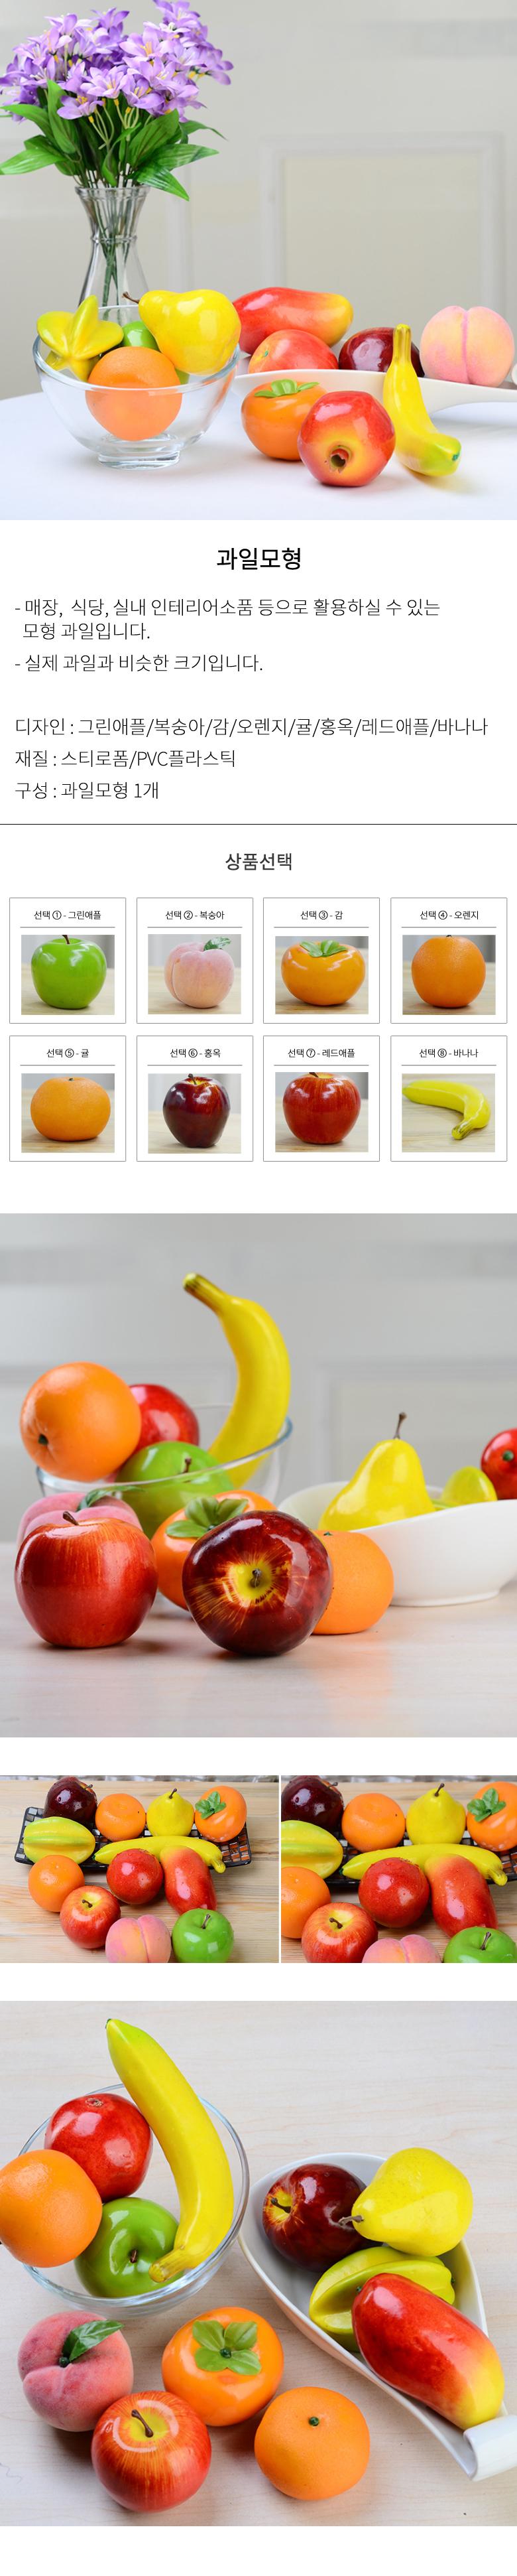 과일모형 - 홀트레이드, 2,400원, 미니어처, 음식